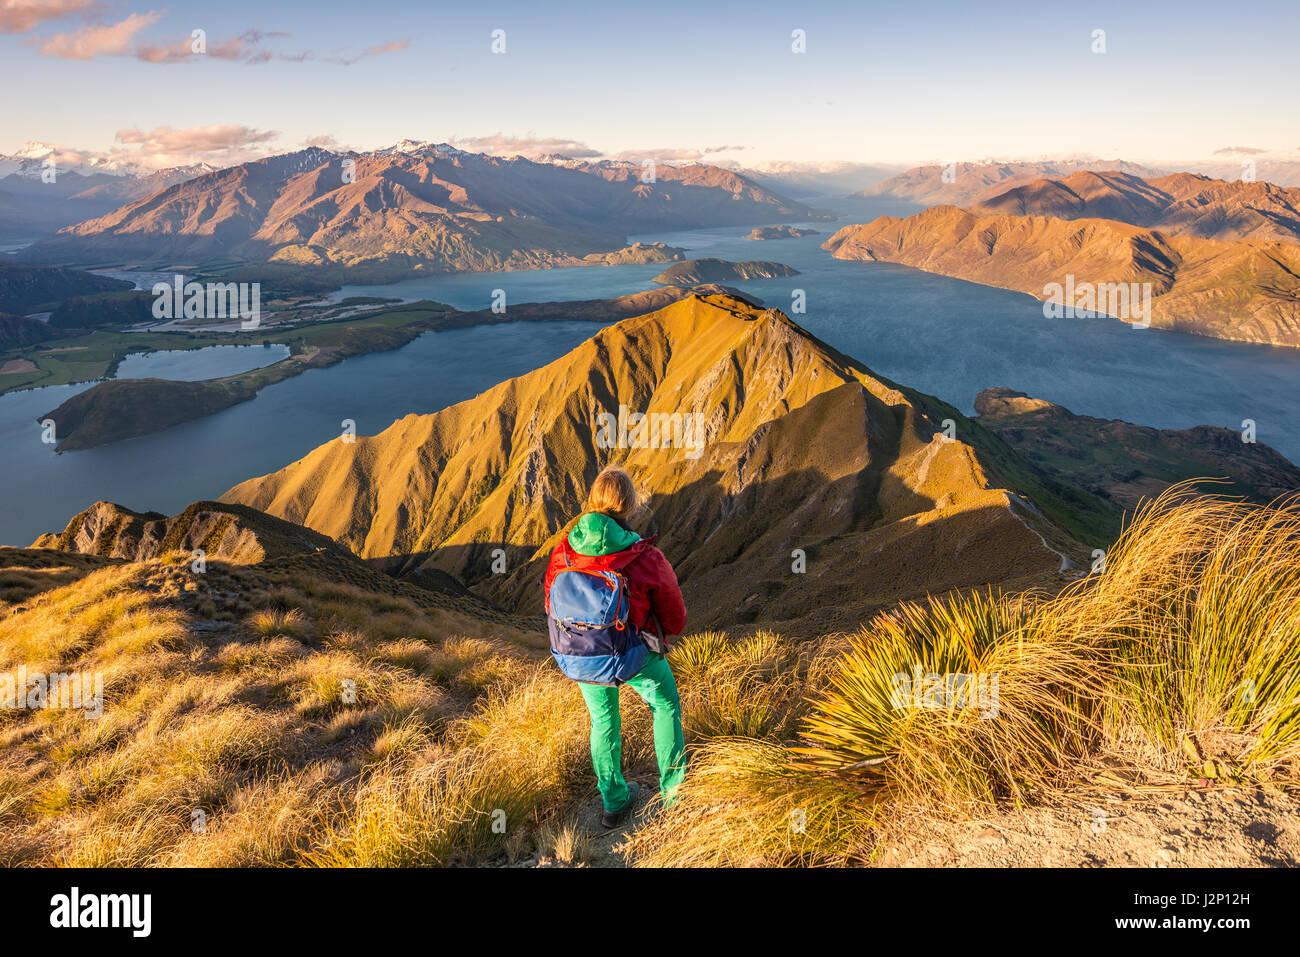 Caminante en camino a la cima del Pico Roys, luz del atardecer, vista a las montañas y al lago, el Lago Wanaka, Imagen De Stock